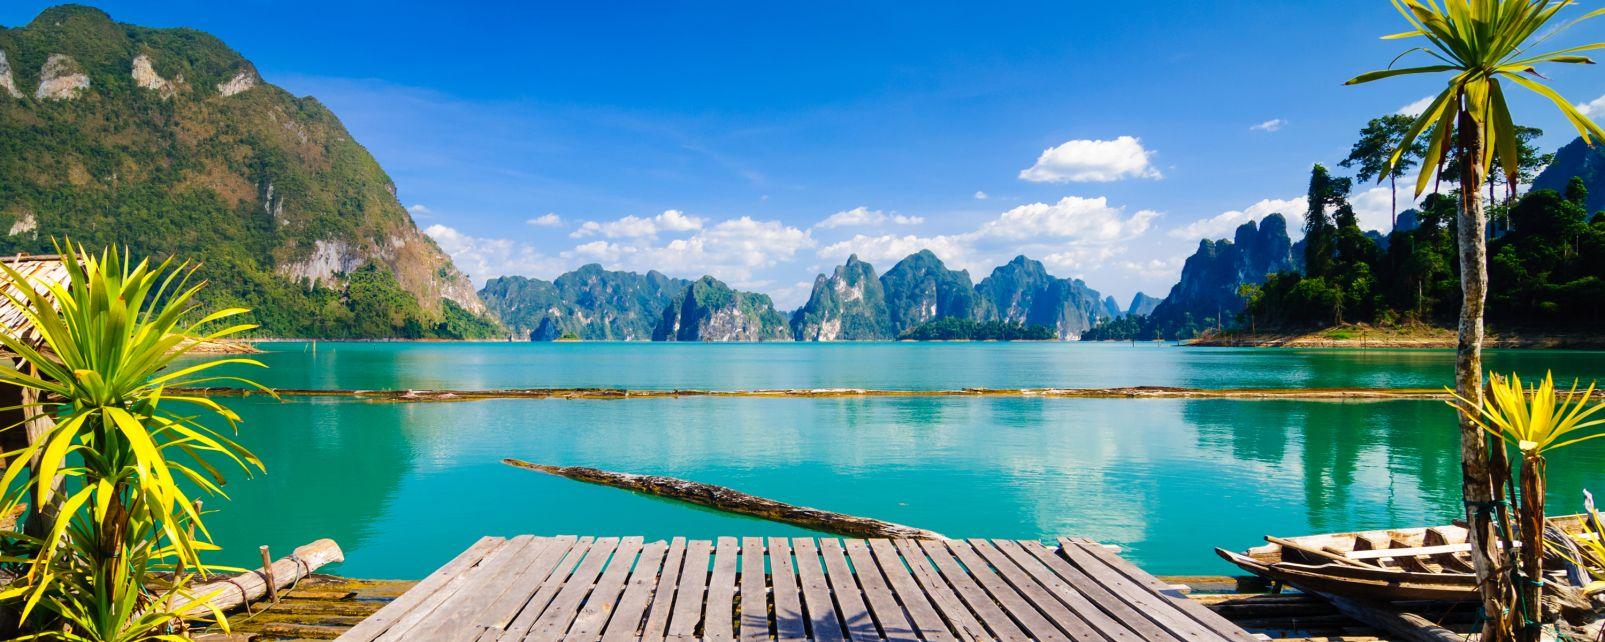 Les paysages, parc national, Khao Sok, surathani, thaïlande, thailande, asie, surat thani